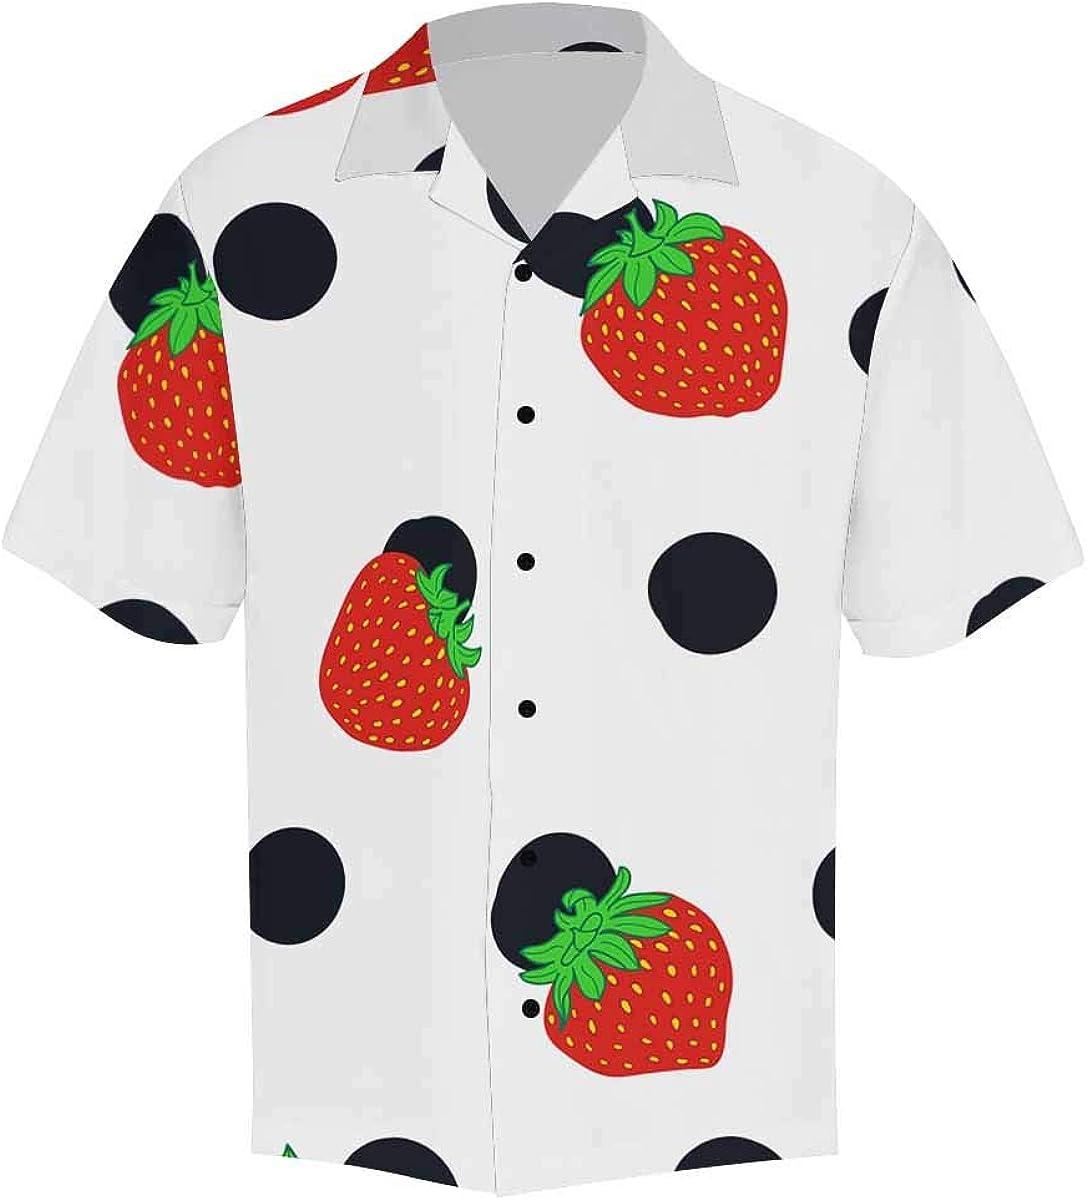 InterestPrint Men's Casual Button Down Short Sleeve Sunflowers Hawaiian Shirt (S-5XL)